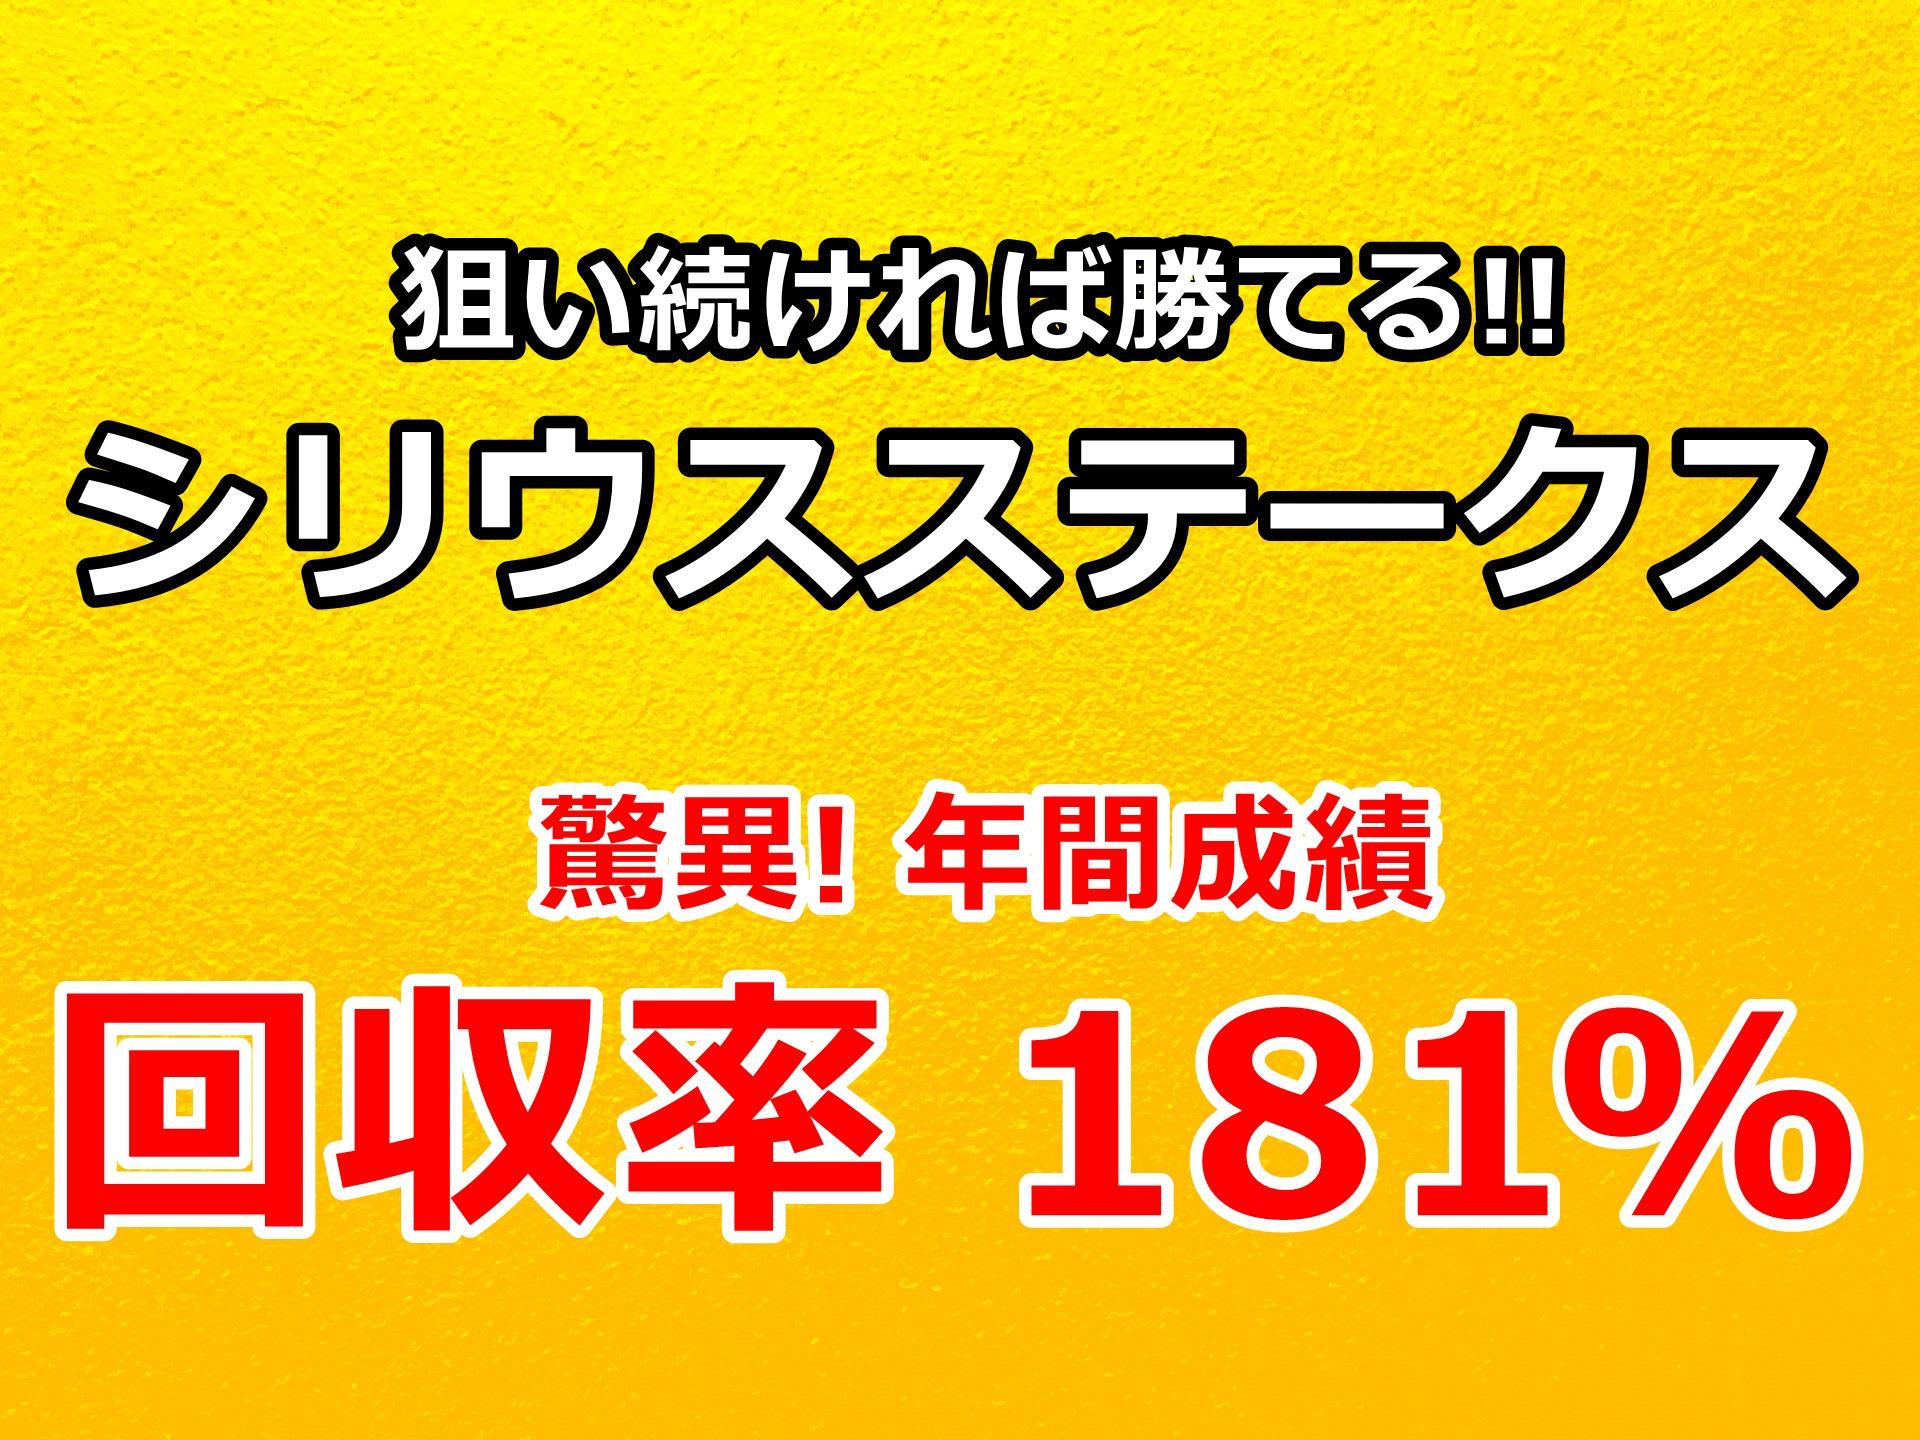 シリウスステークス2020 予想 【驚異! 年間回収率 181%】